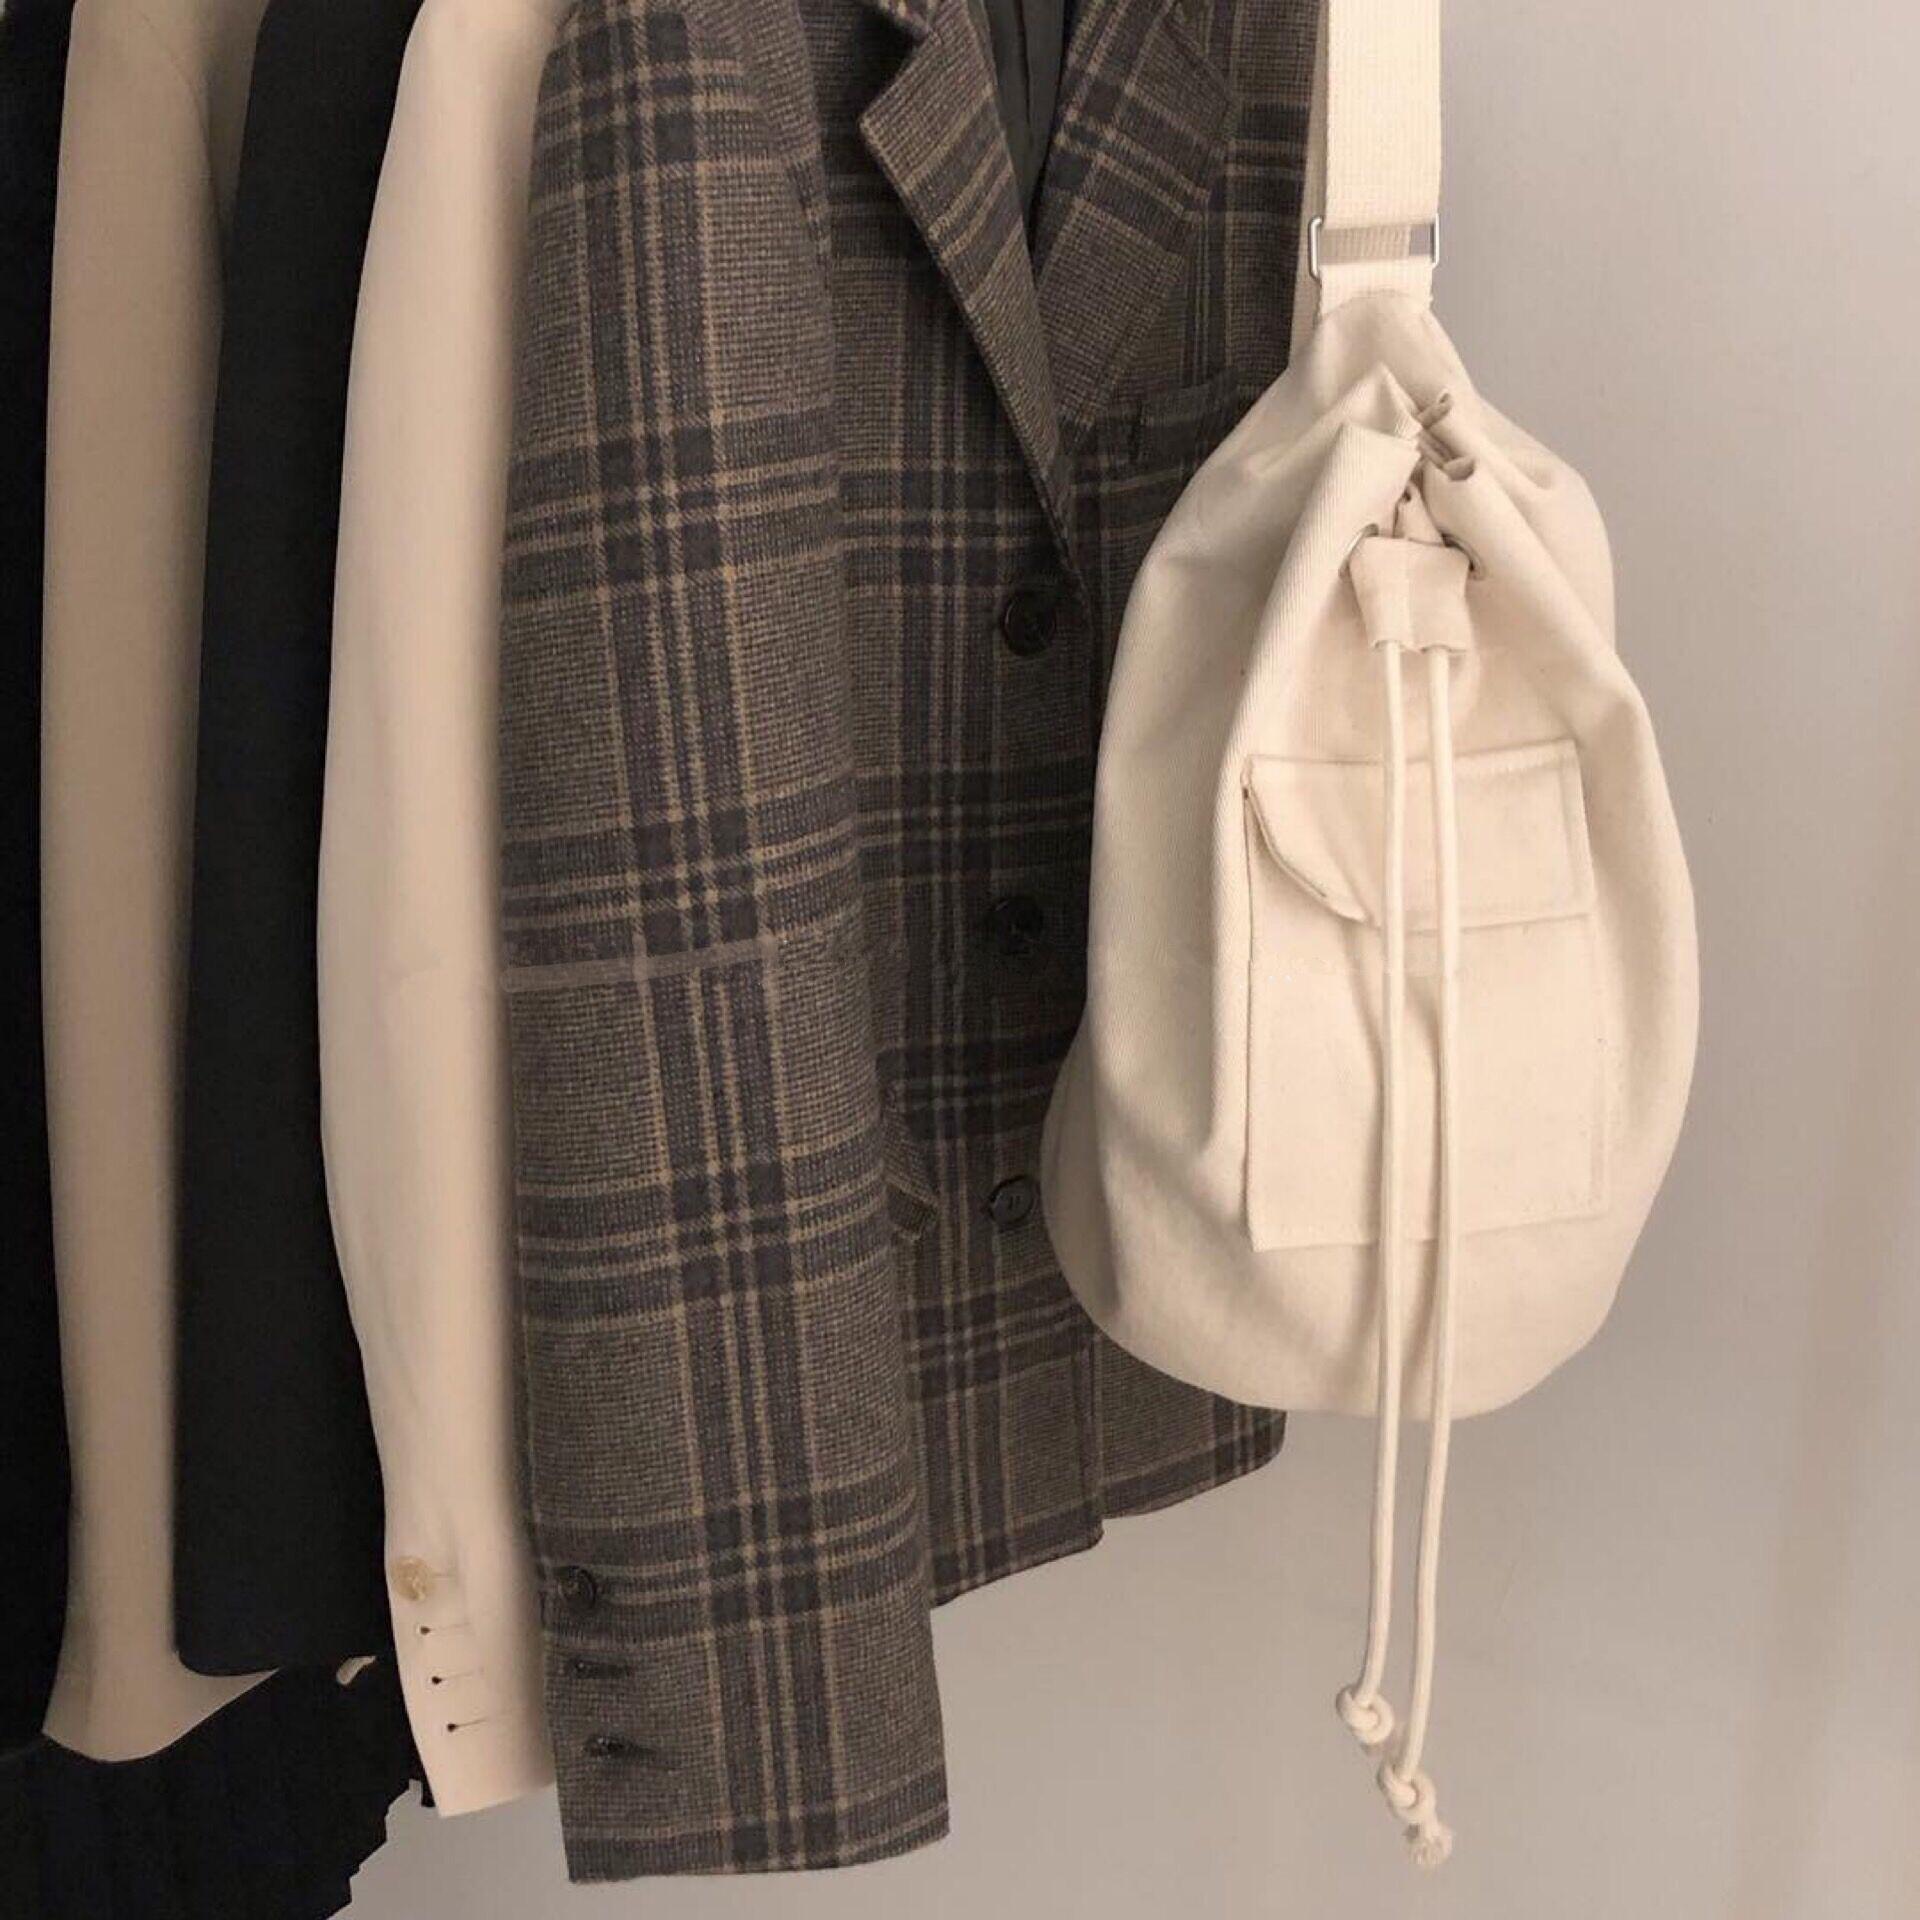 斜跨水桶包 FINEDAY \ 韩国ins新款翻盖口袋抽绳帆布包单肩斜跨水桶包_推荐淘宝好看的斜跨水桶包